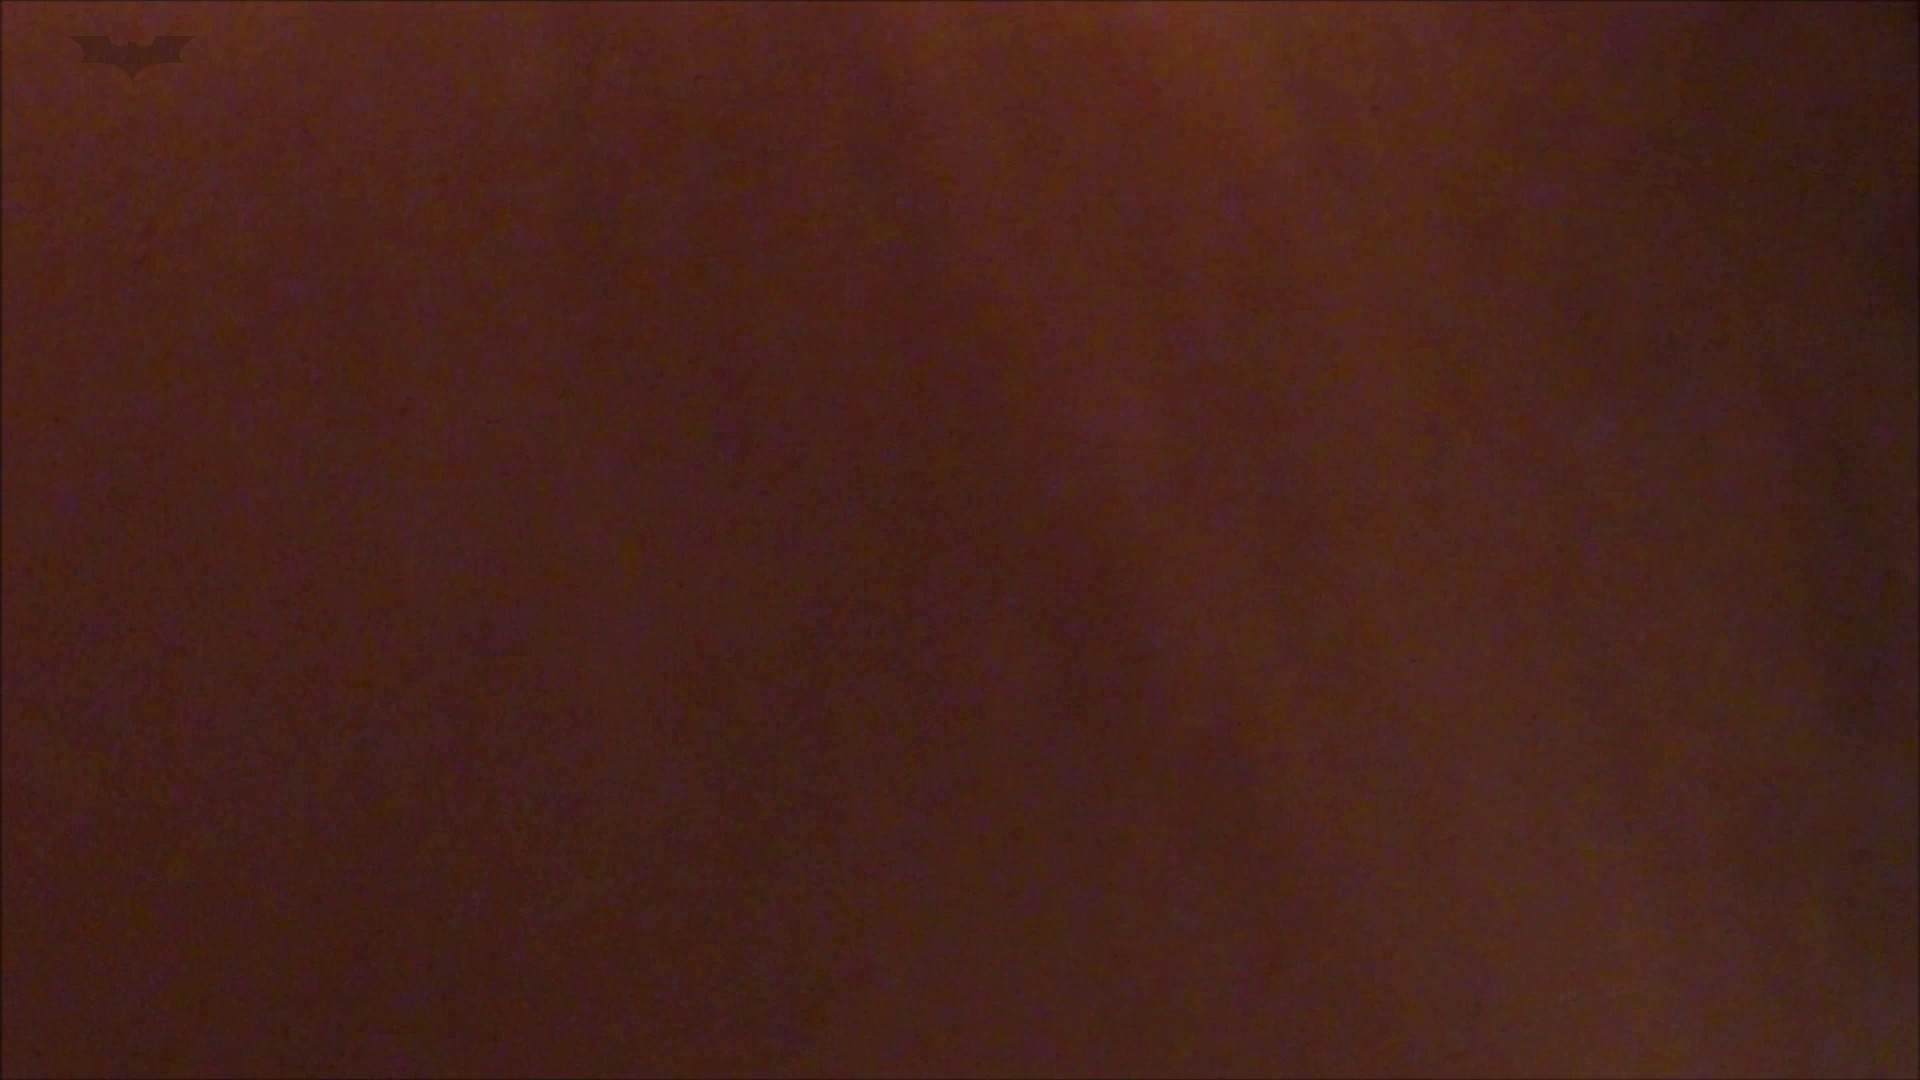 内緒でデリヘル盗撮 Vol.03中編 美肌、美人のデリ嬢にいよいよ挿入! OLの実態 | 美人  93pic 57